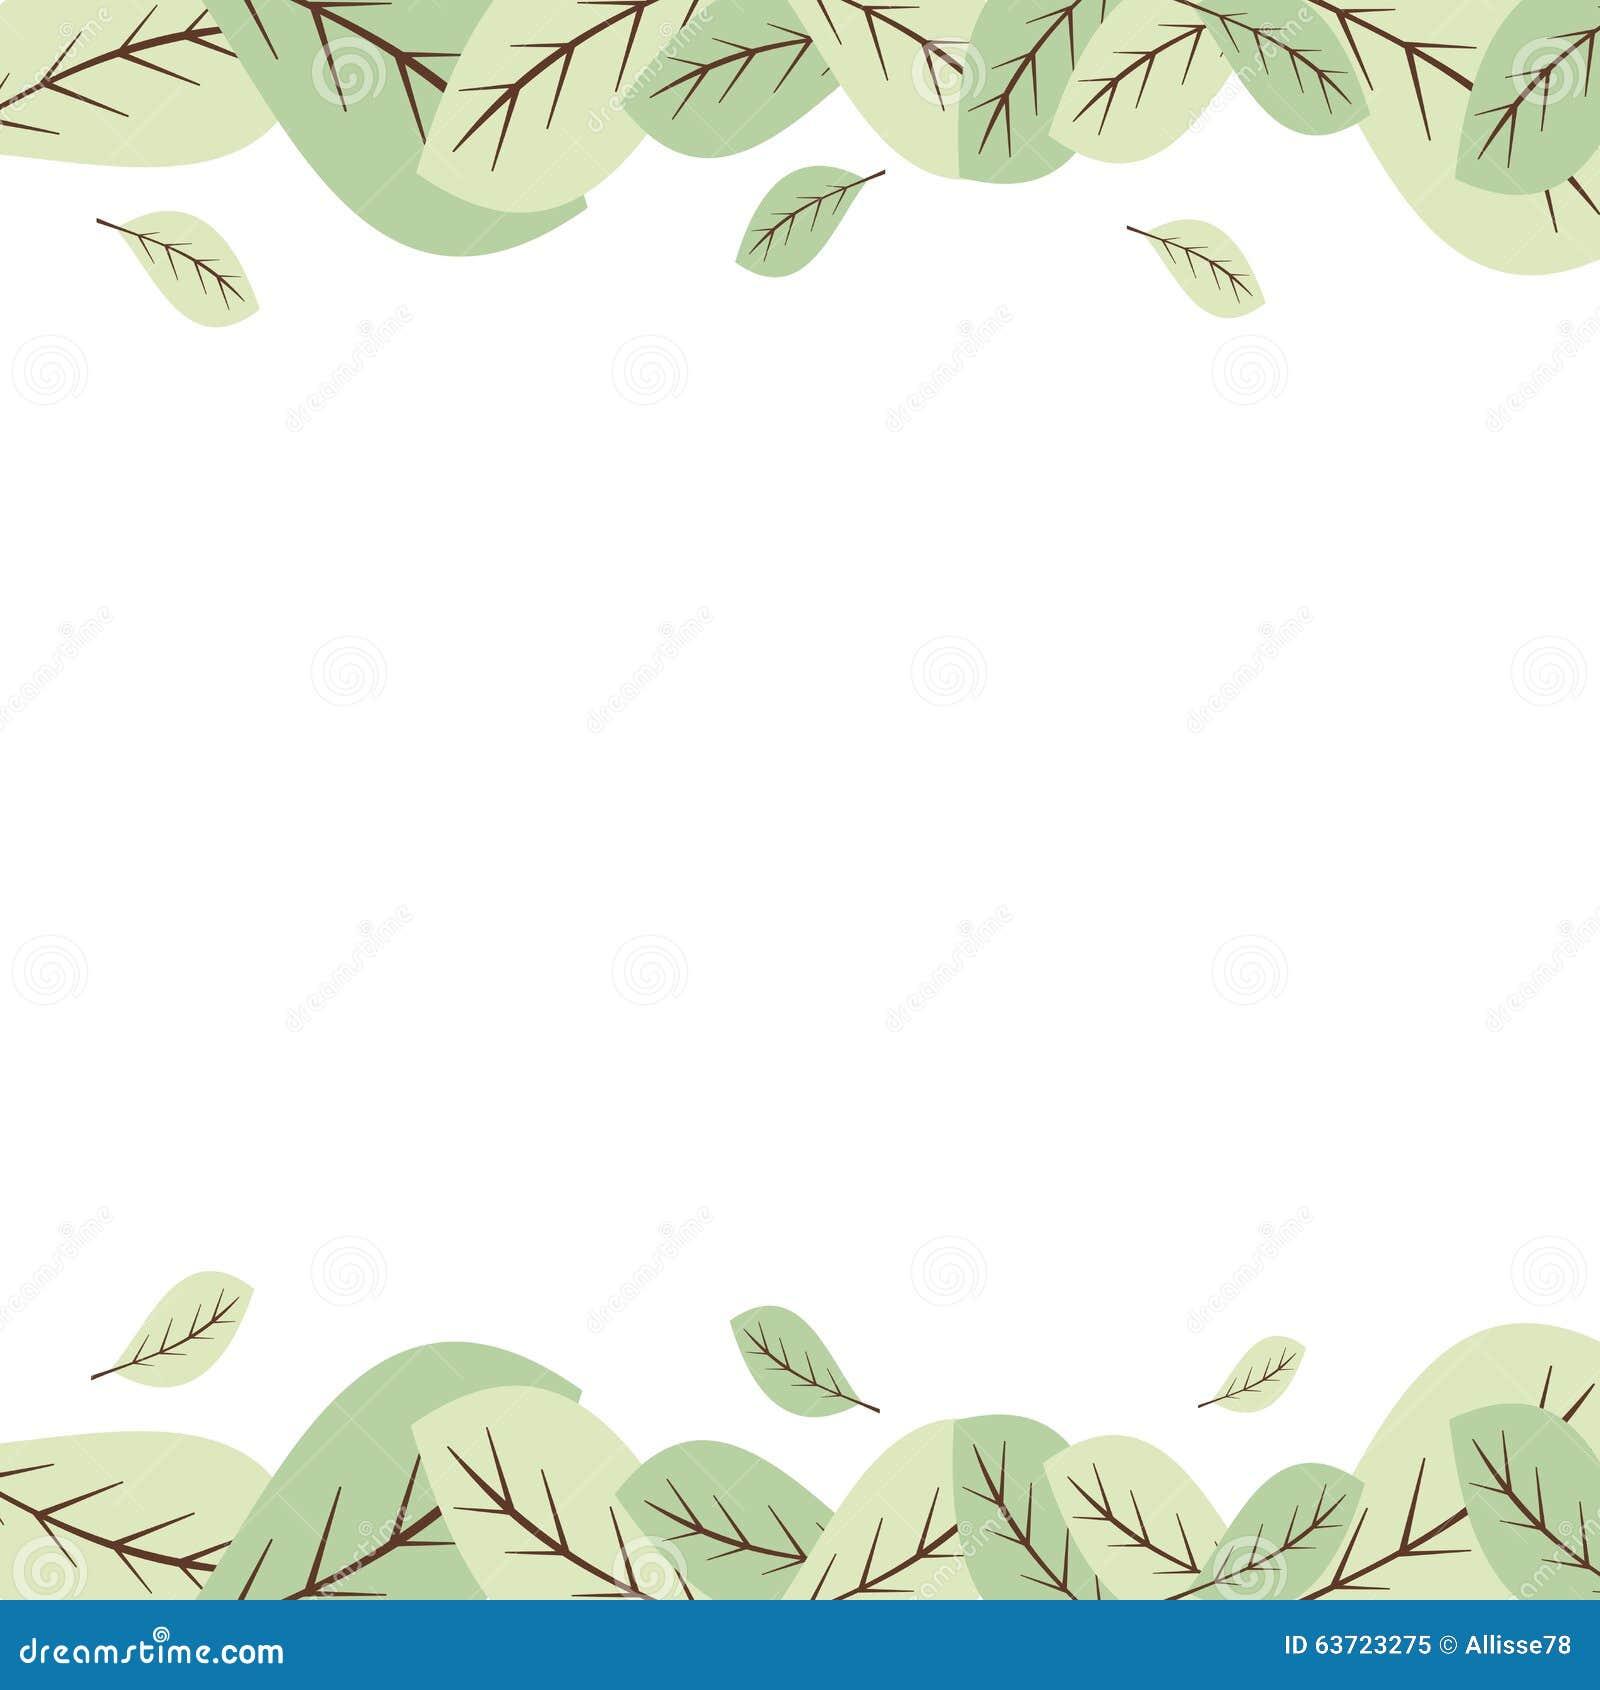 pastel green leaves frame border illustration stock vector